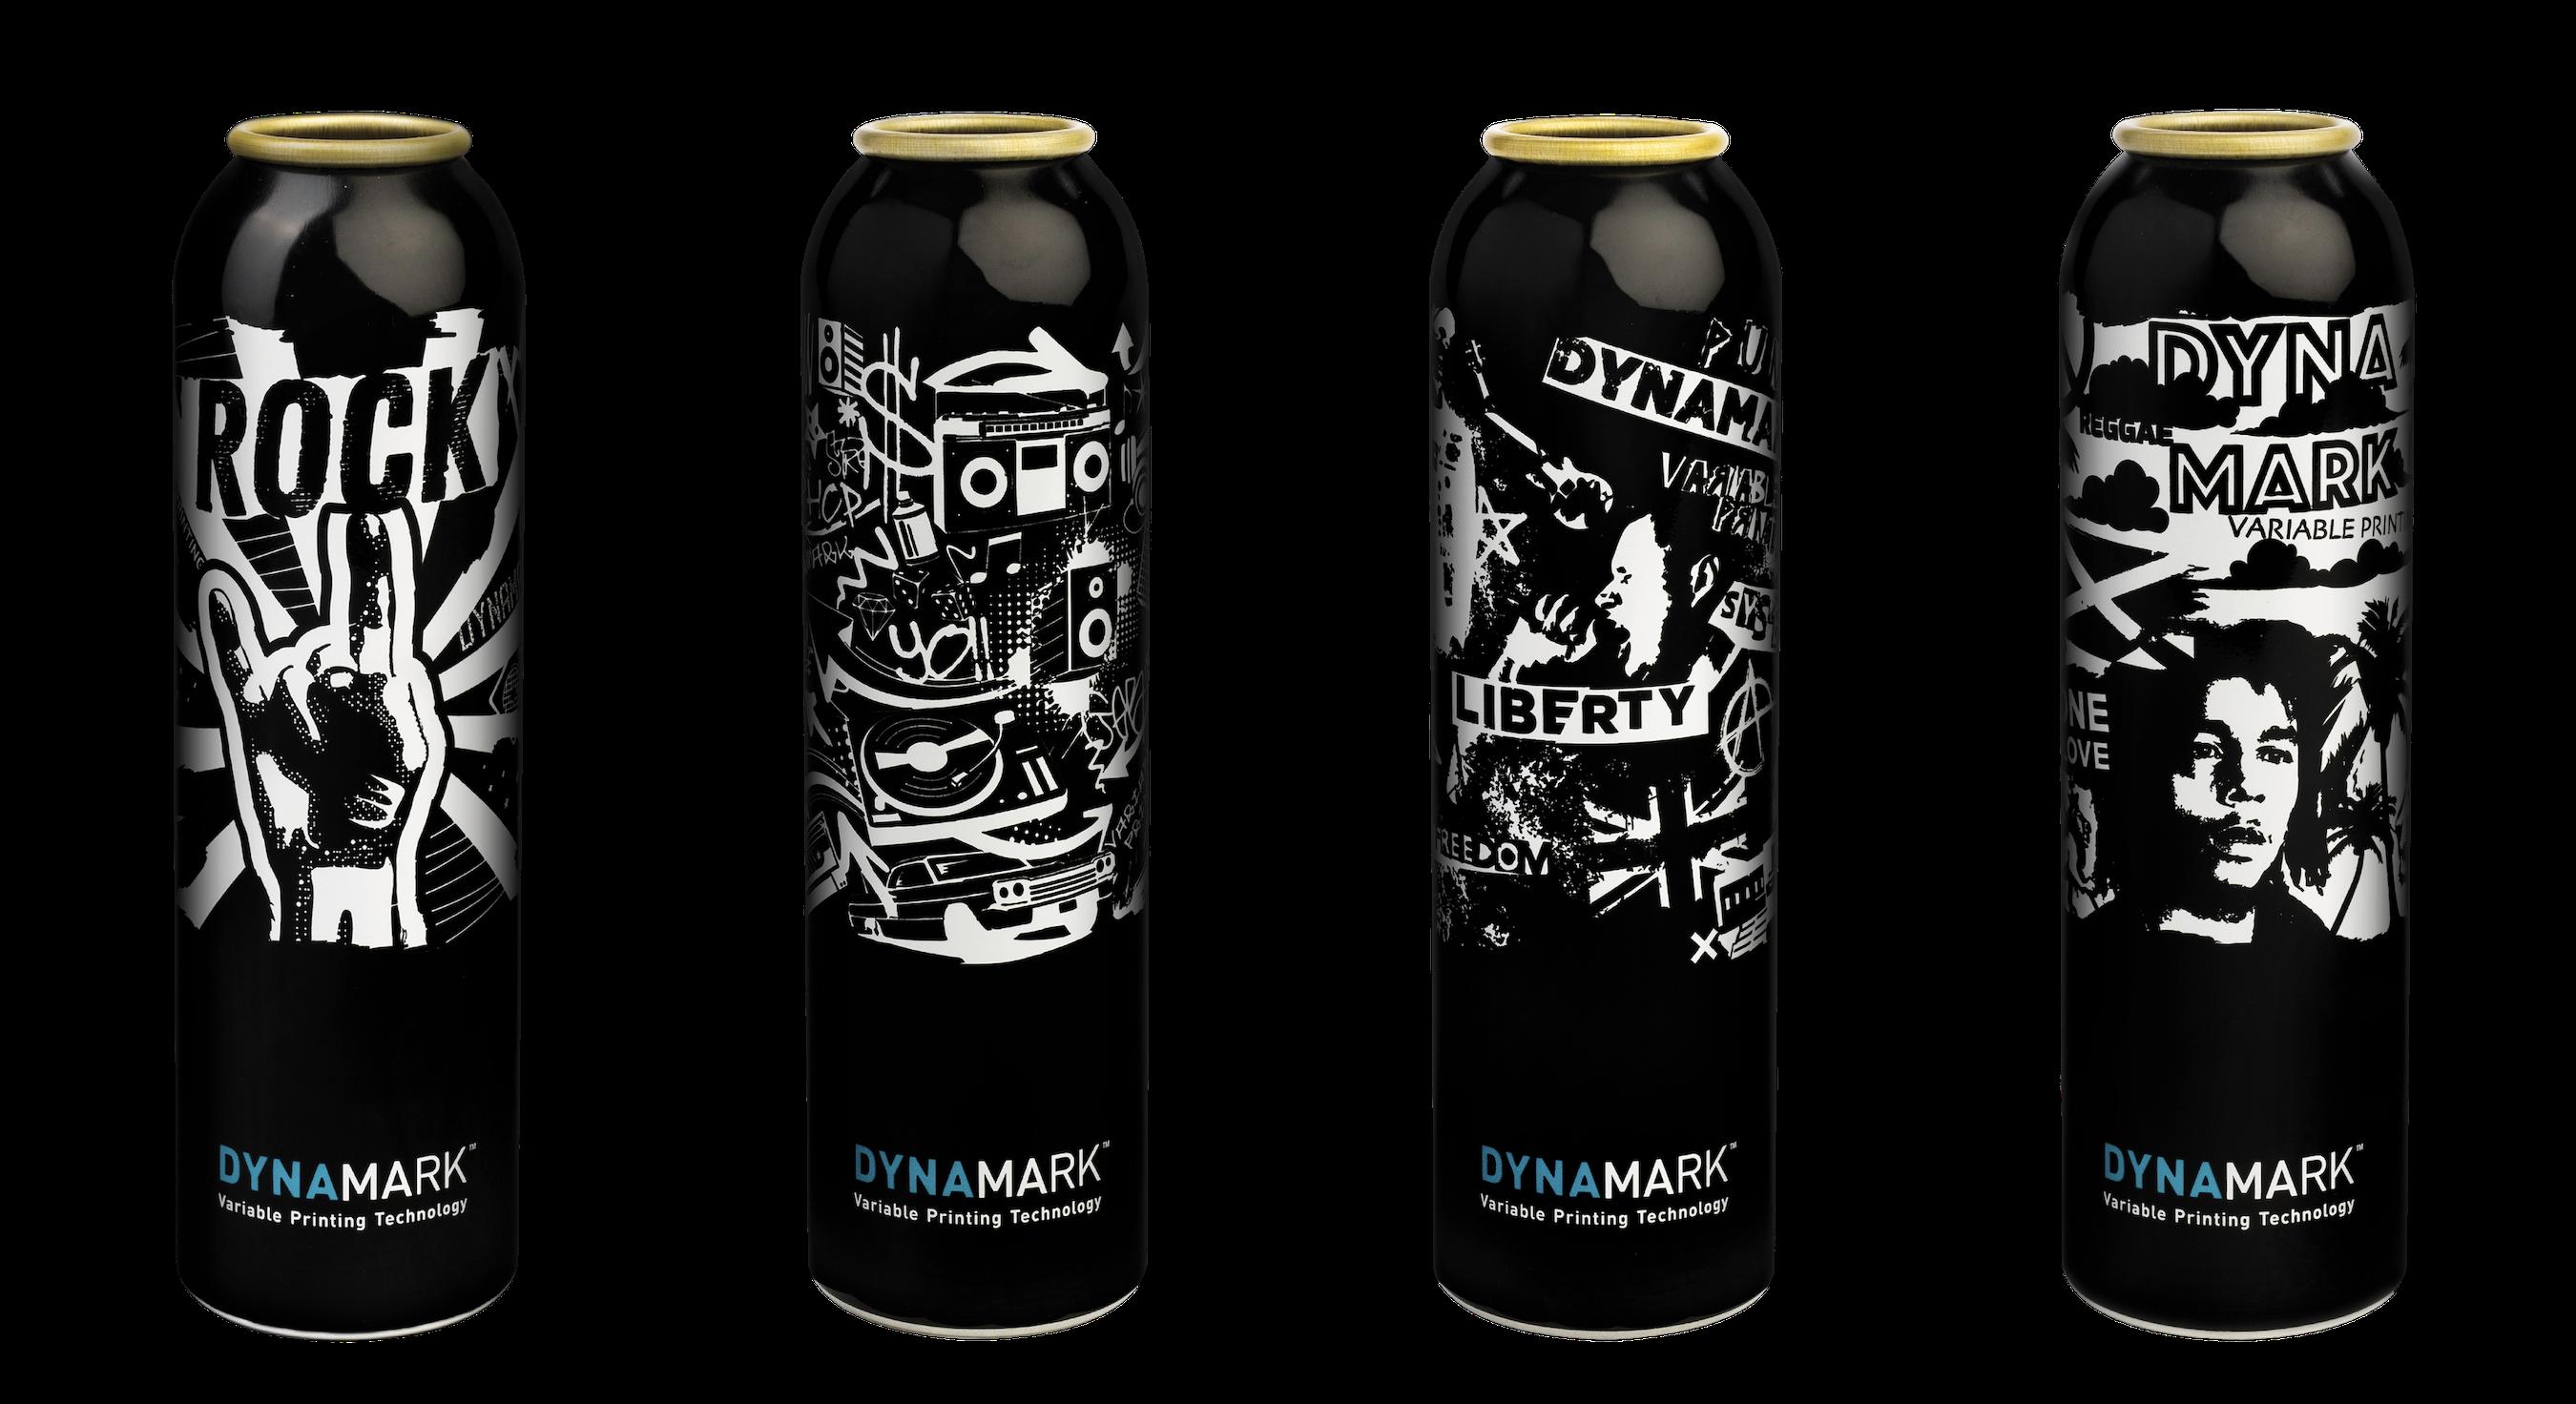 Dynamark Aluminum Cans